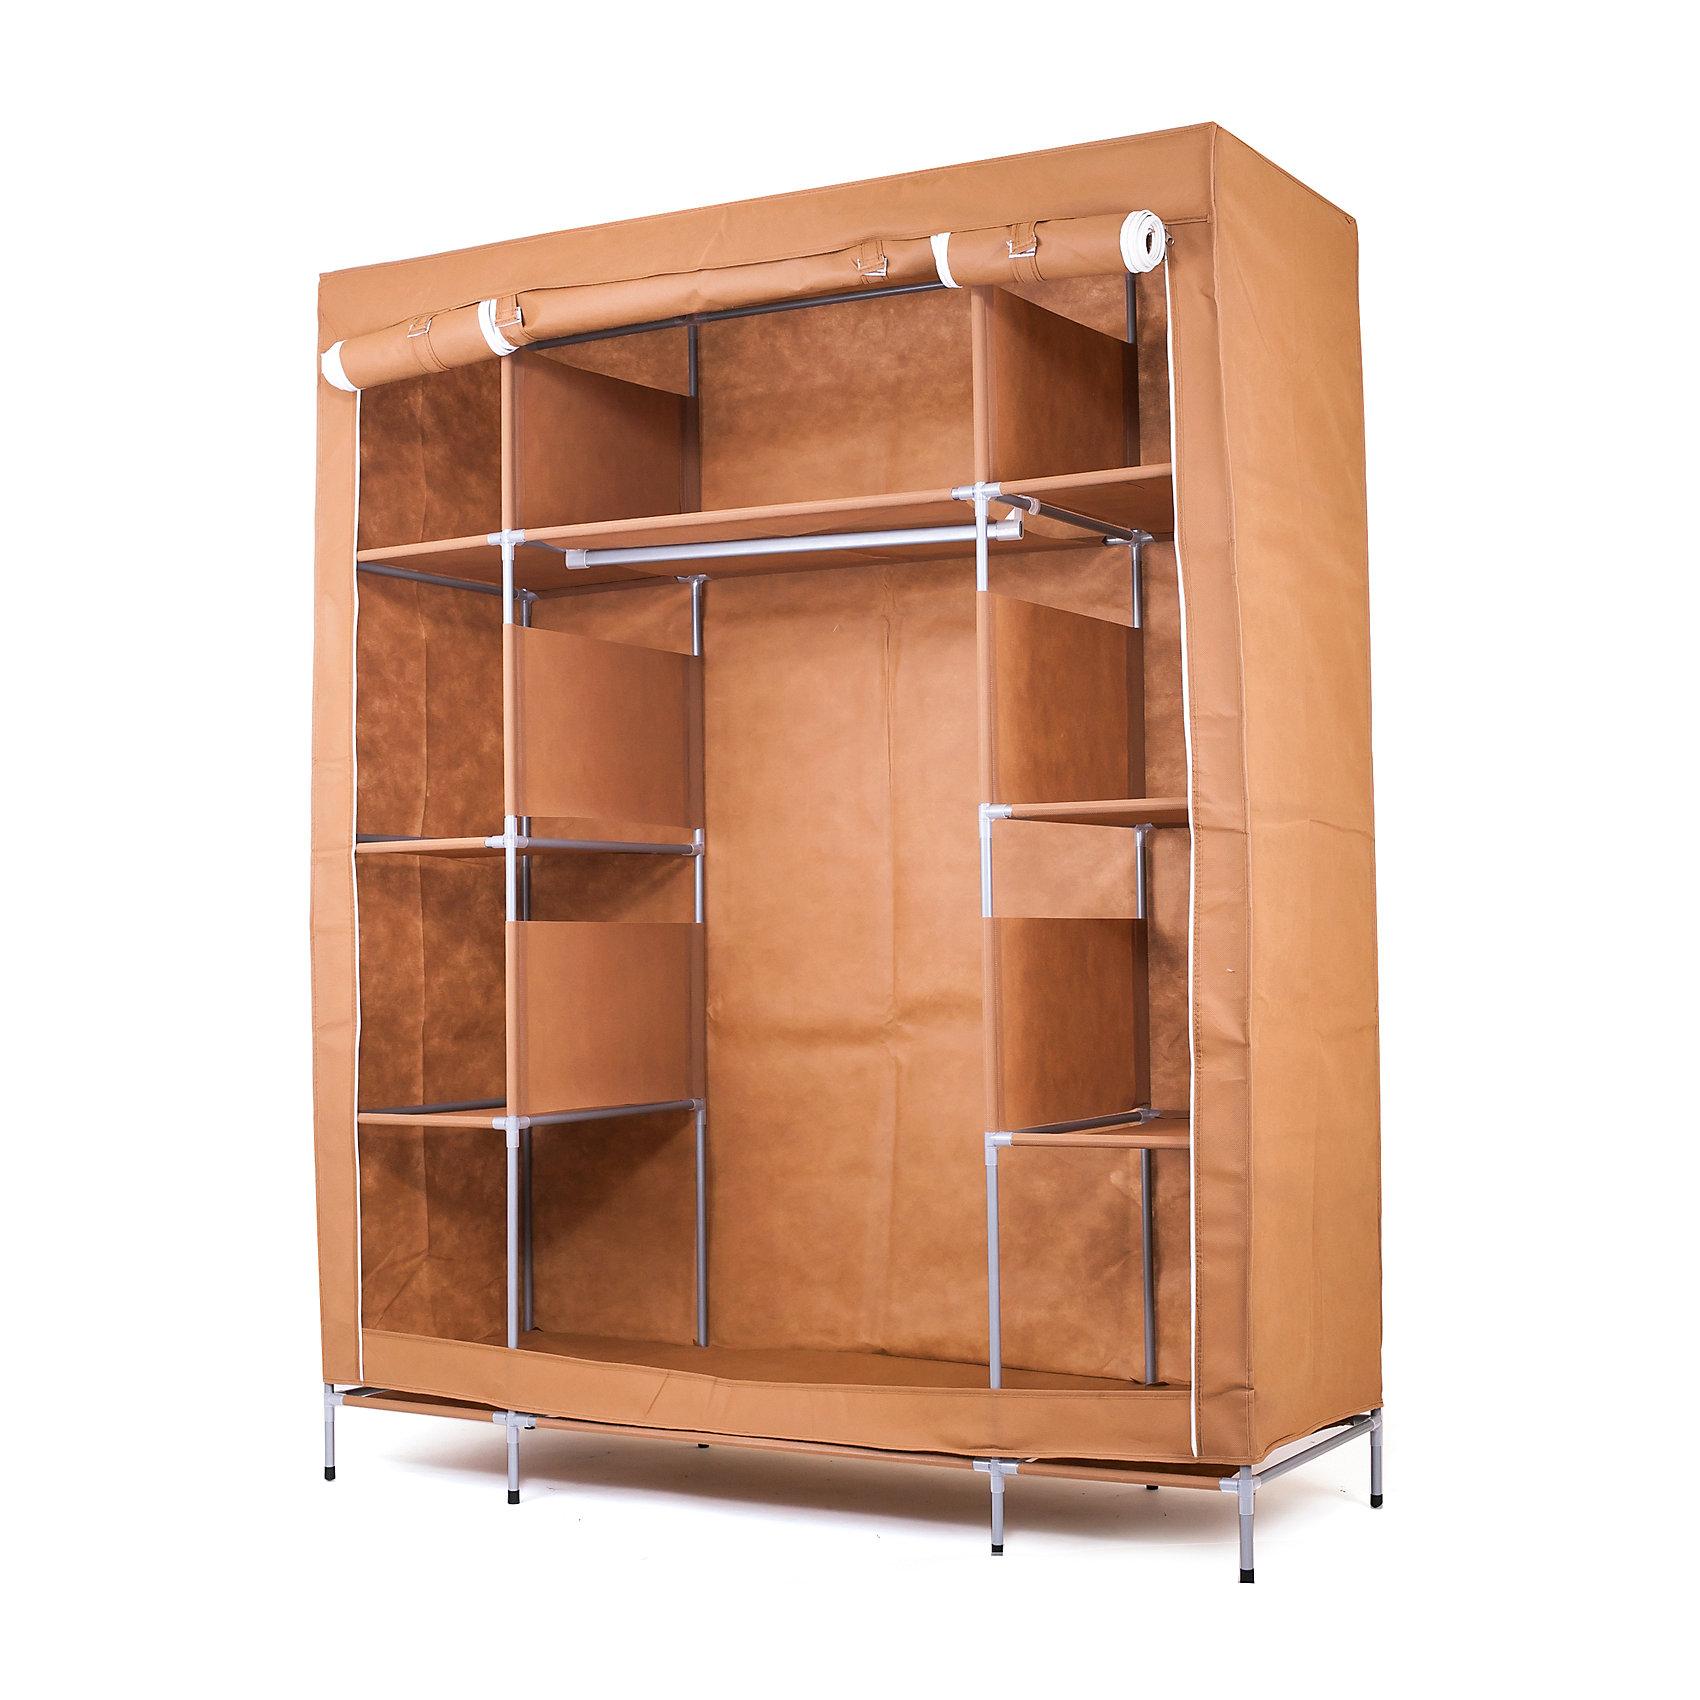 Тканевый шкаф Маджорити, Homsu, коричневыйМебель<br>Этот большой тканевый шкаф будет максимально практичным и удобным помощником в создании полноценного порядка благодаря 8 маленьким полкам для складывания одежды 35Х50см и 1 большой- 70Х50см , а также отделению для подвешивания одежды высотой 120см и шириной 70см. Сборная конструкция такого шкафа состоит из металлических деталей каркаса, обтянутых сверху прочной и лёгкой тканью.<br><br>Ширина мм: 650<br>Глубина мм: 350<br>Высота мм: 110<br>Вес г: 6000<br>Возраст от месяцев: 216<br>Возраст до месяцев: 1188<br>Пол: Унисекс<br>Возраст: Детский<br>SKU: 5620245